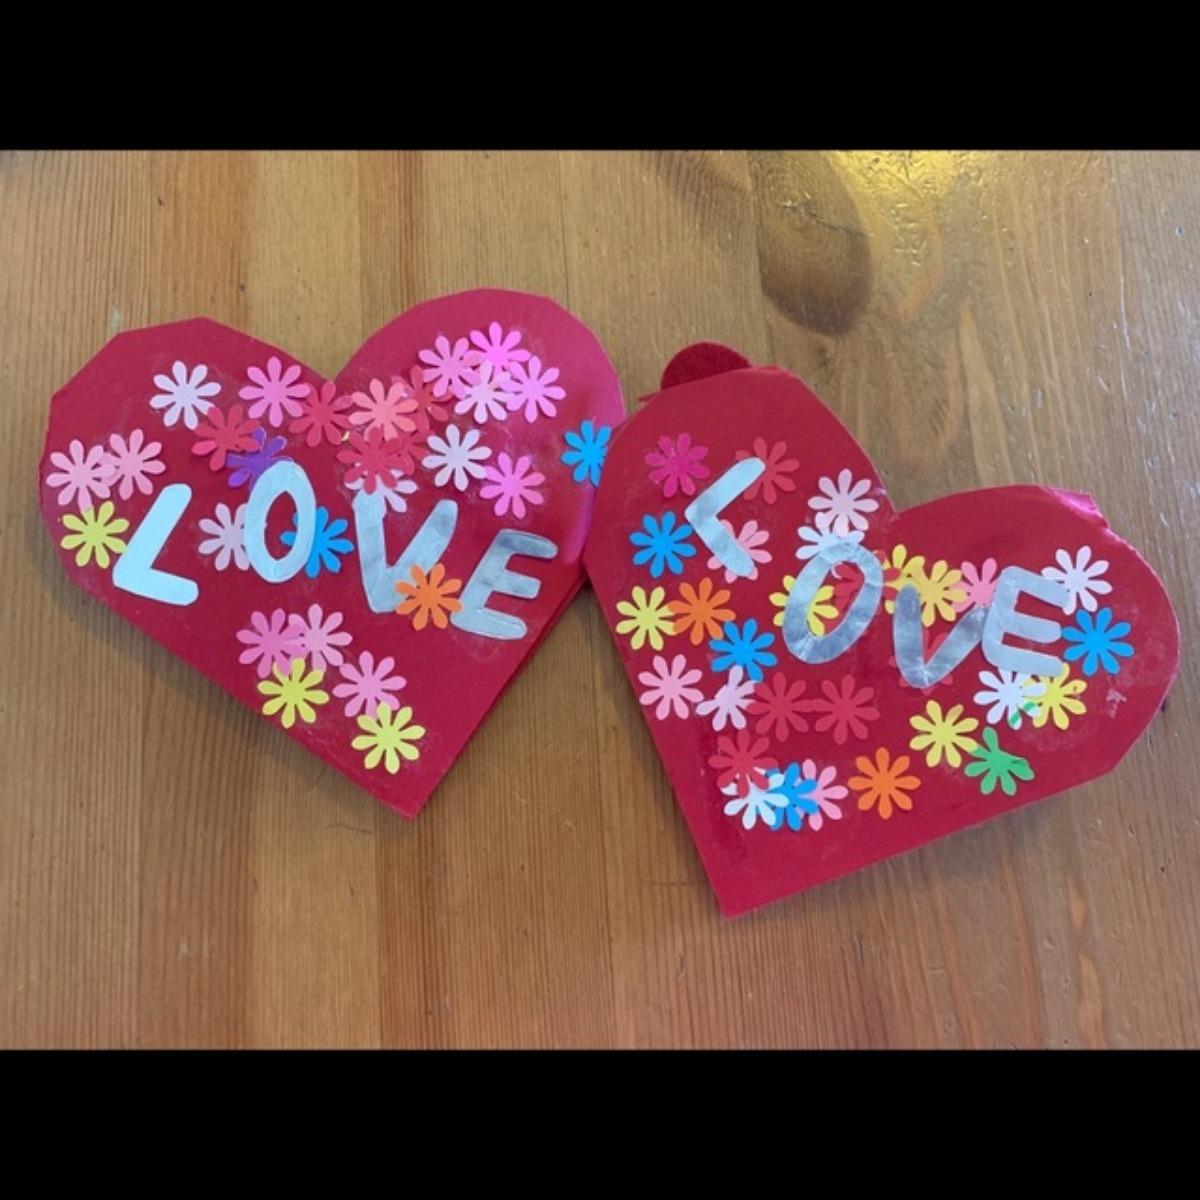 【アプリ投稿】お花いっぱいのバレンタインカード